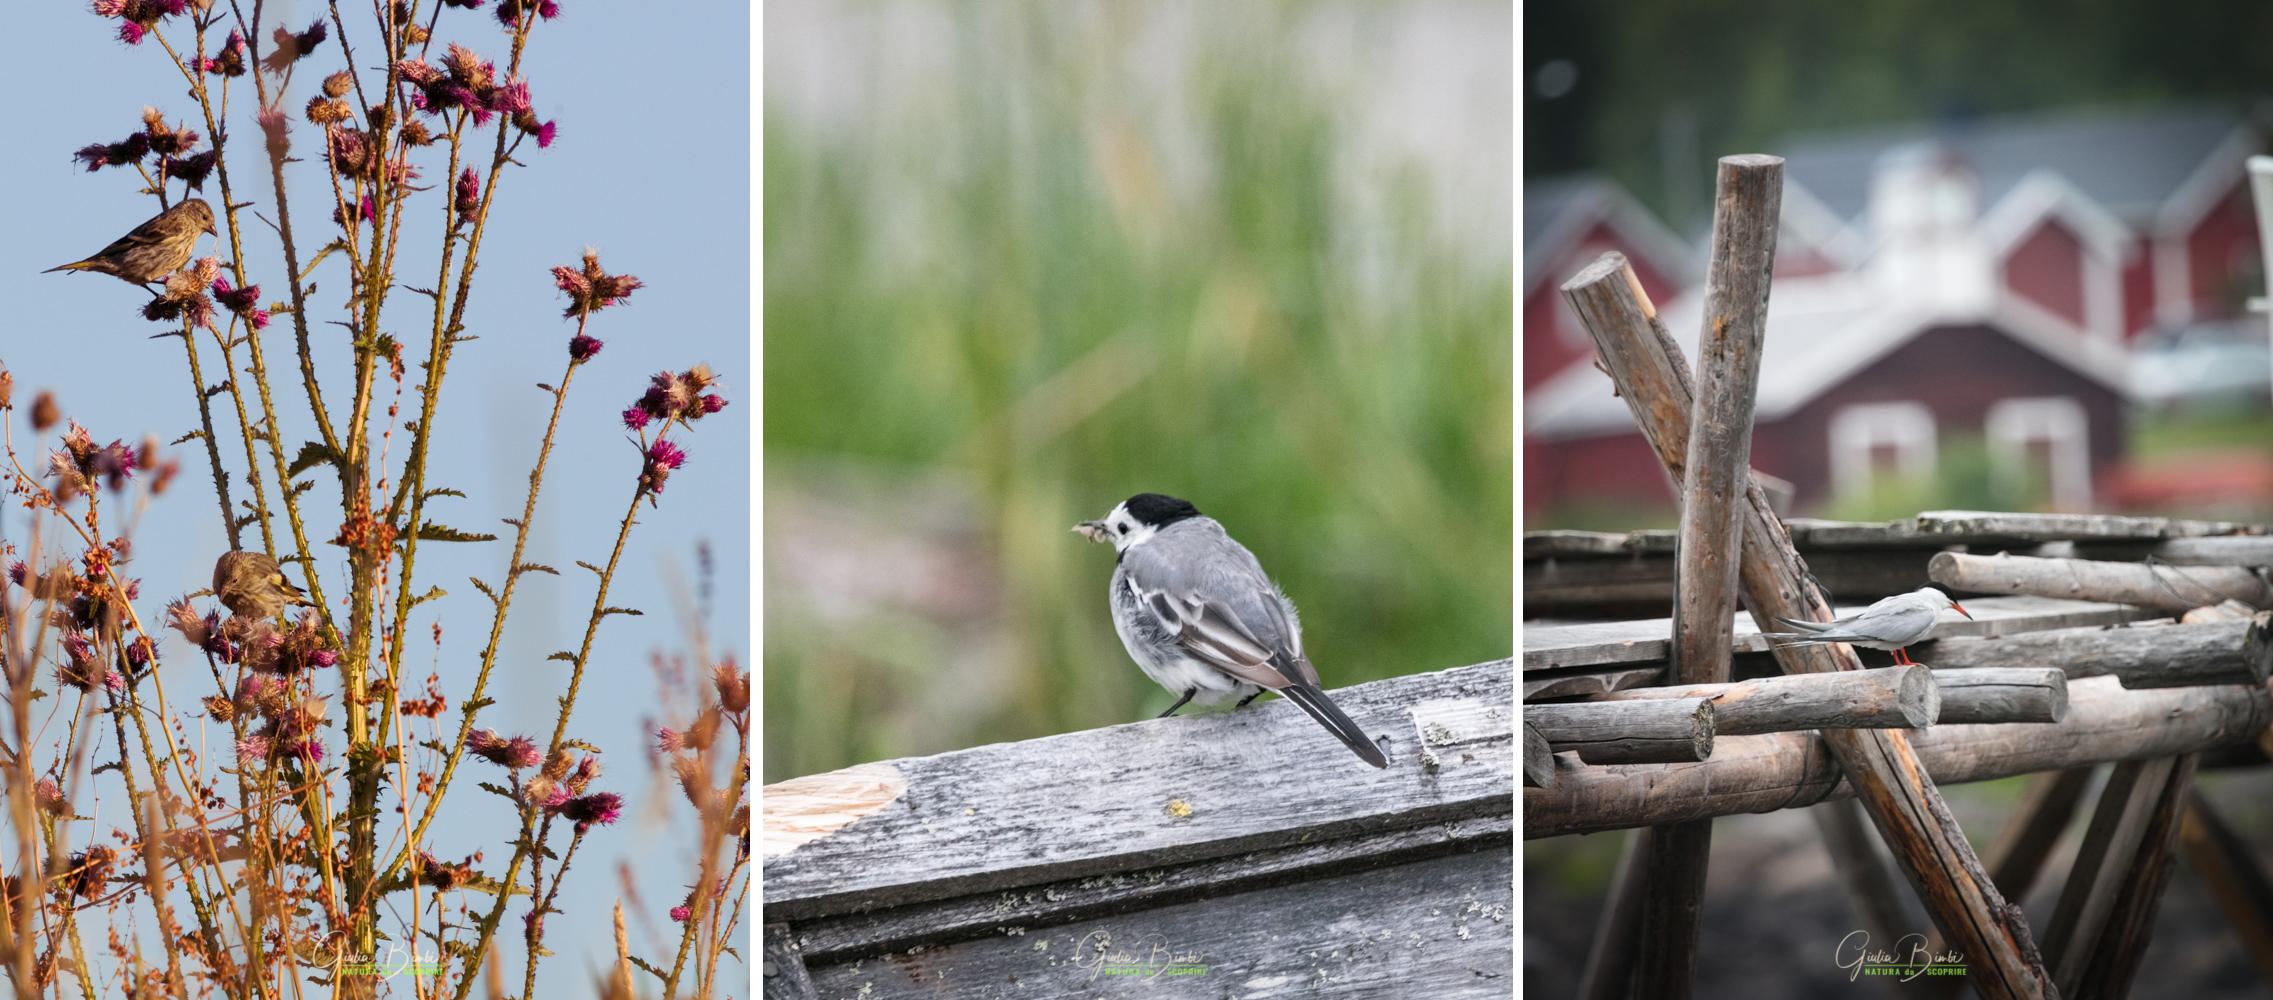 Viaggio di biowatching in Lapponia - Il risveglio della natura